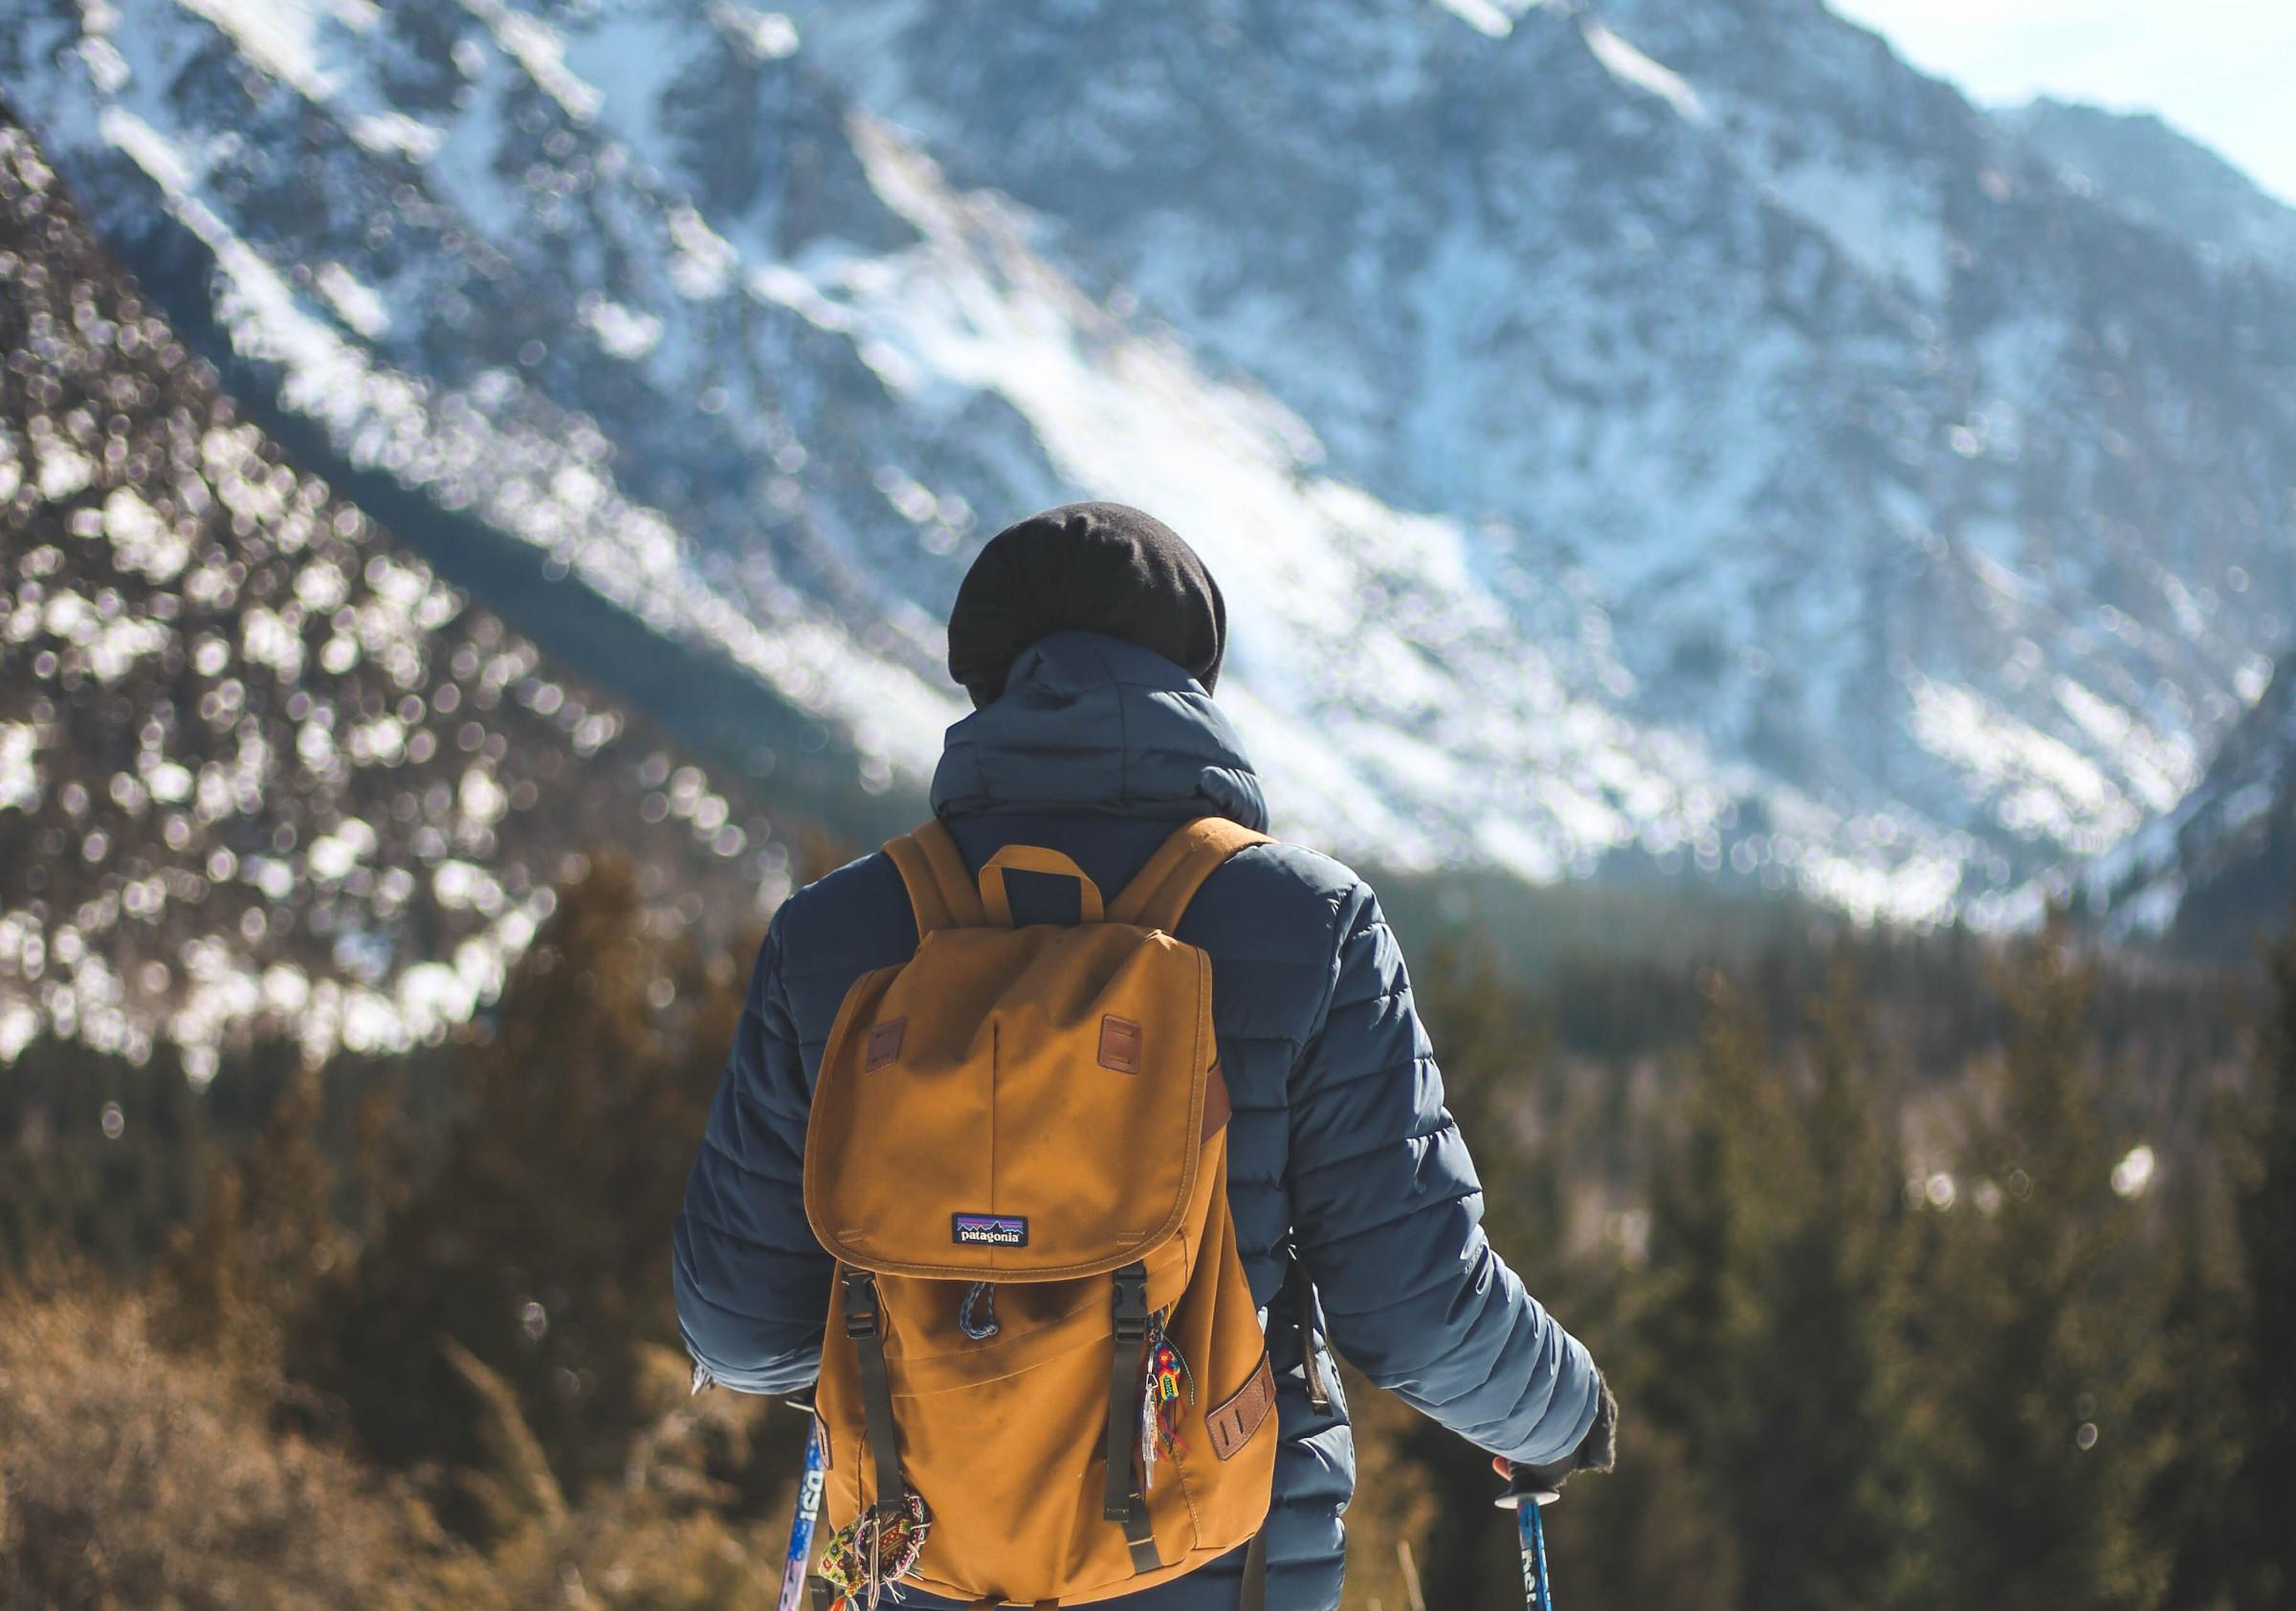 Andare in montagna, il chiarimento del Ministero dell'Interno: in area gialla e arancione sì, in zona rossa no